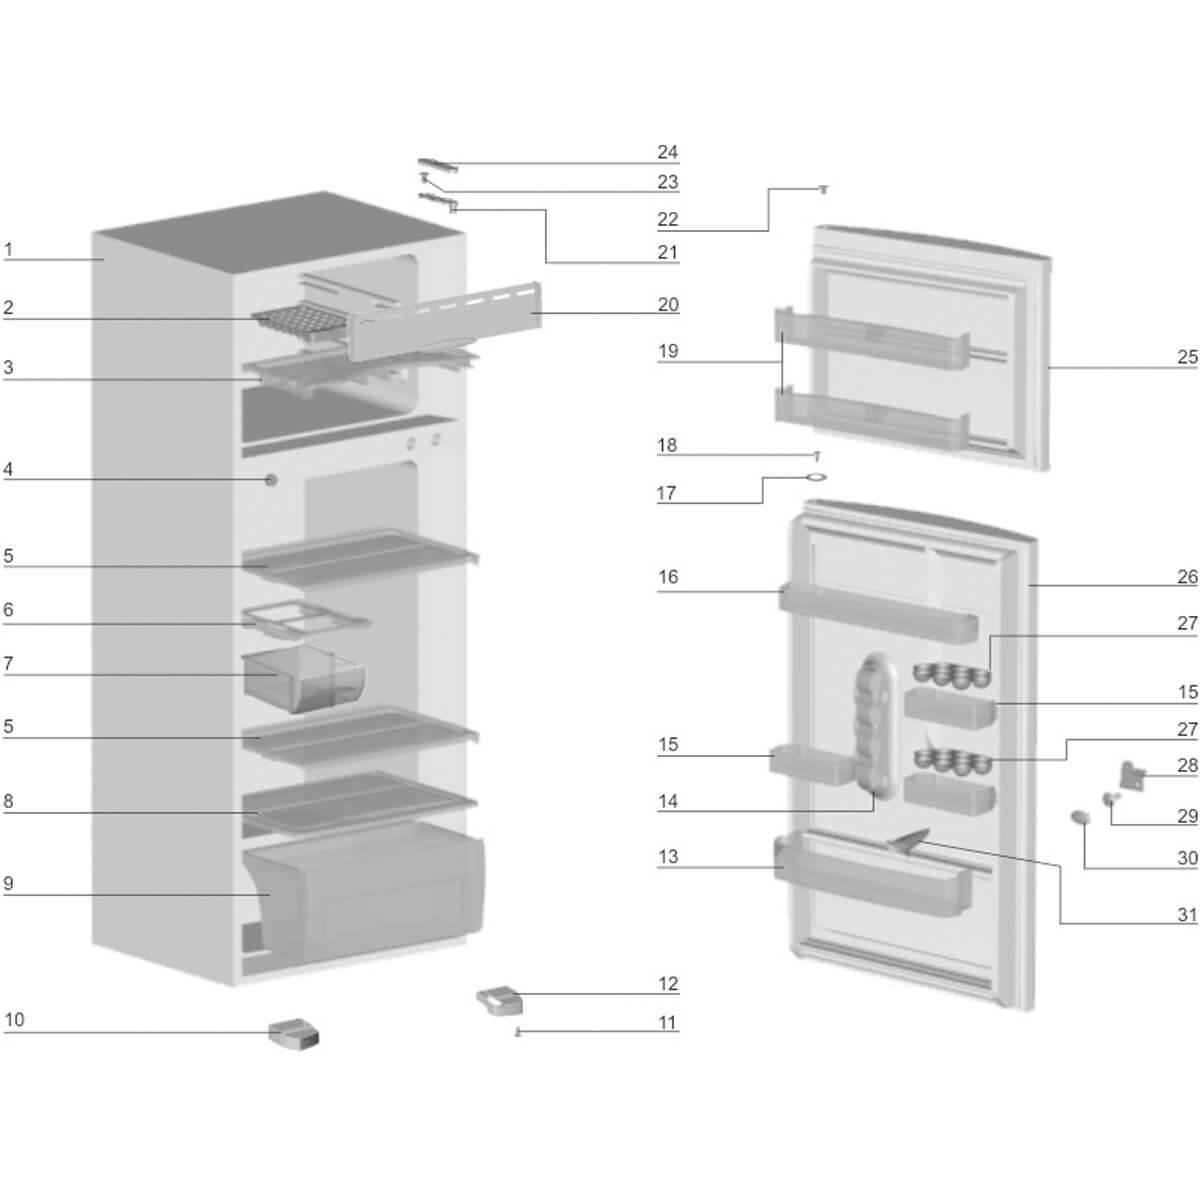 Prateleira do Refrigerador Frost Free Electrolux DF34 DF35 - 77491187